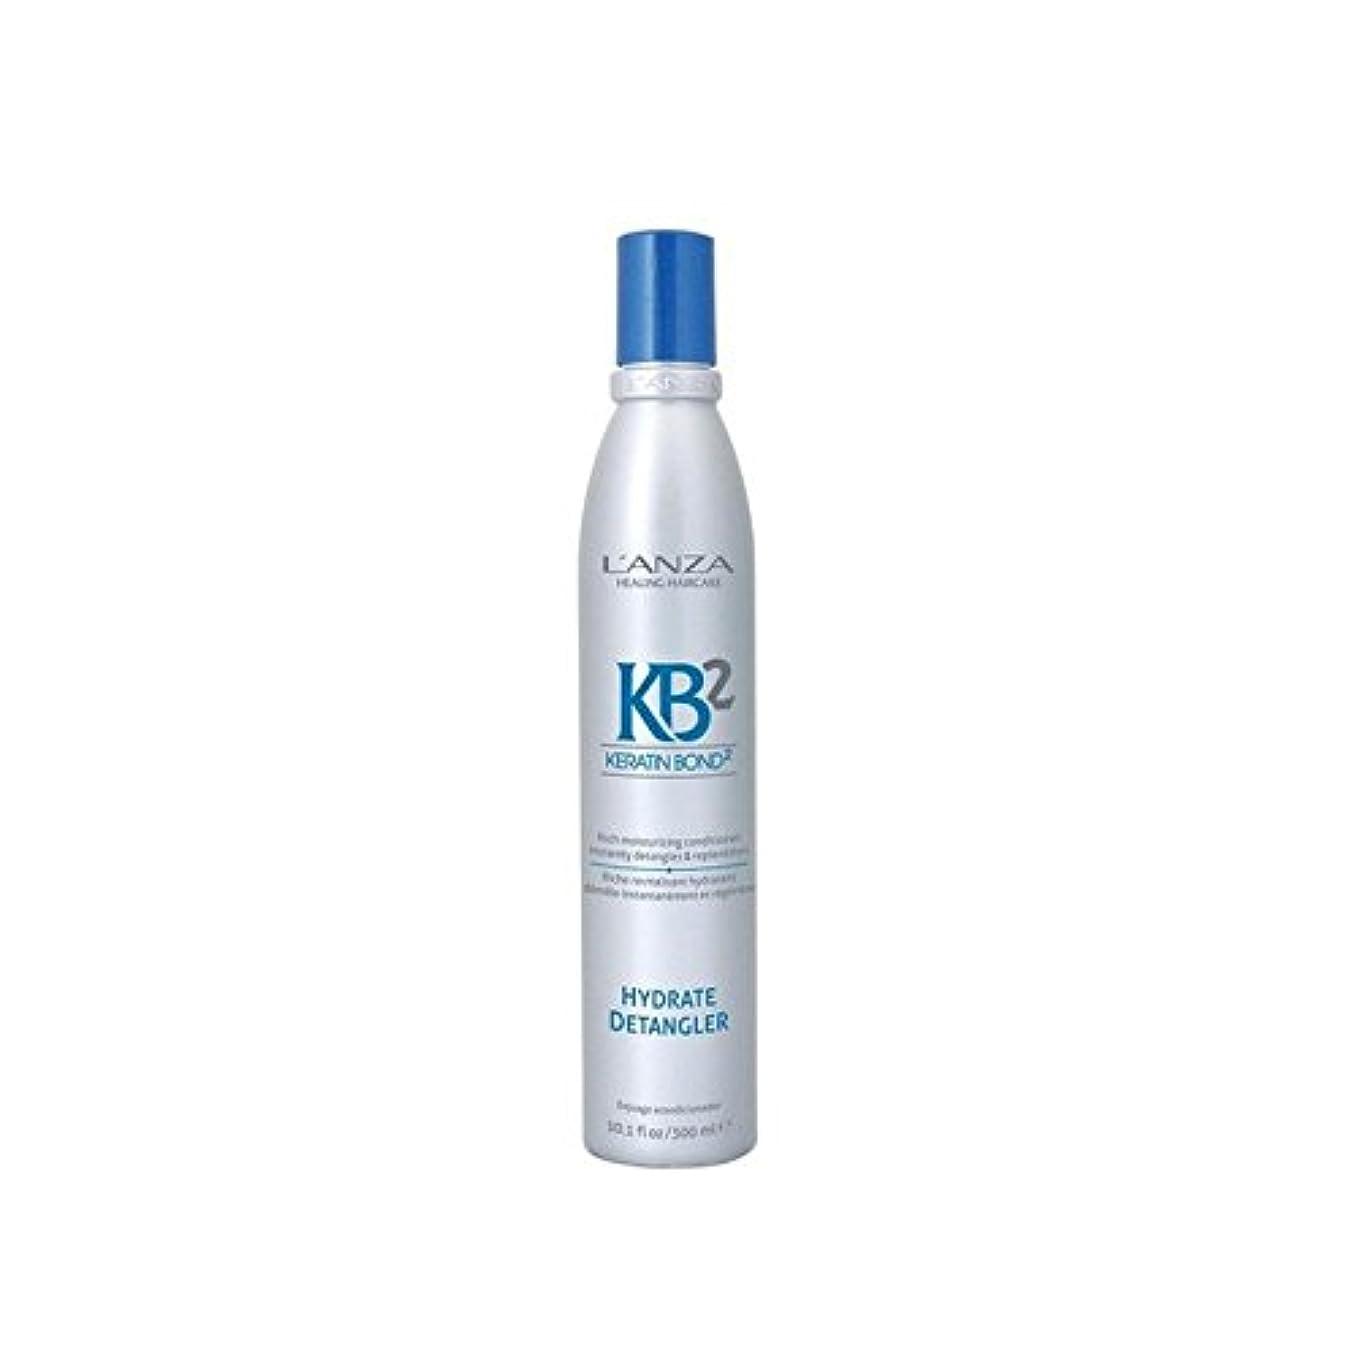 ピークデジタル浸食アンザ2和物(300ミリリットル) x2 - L'Anza Kb2 Hydrate Detangler (300ml) (Pack of 2) [並行輸入品]